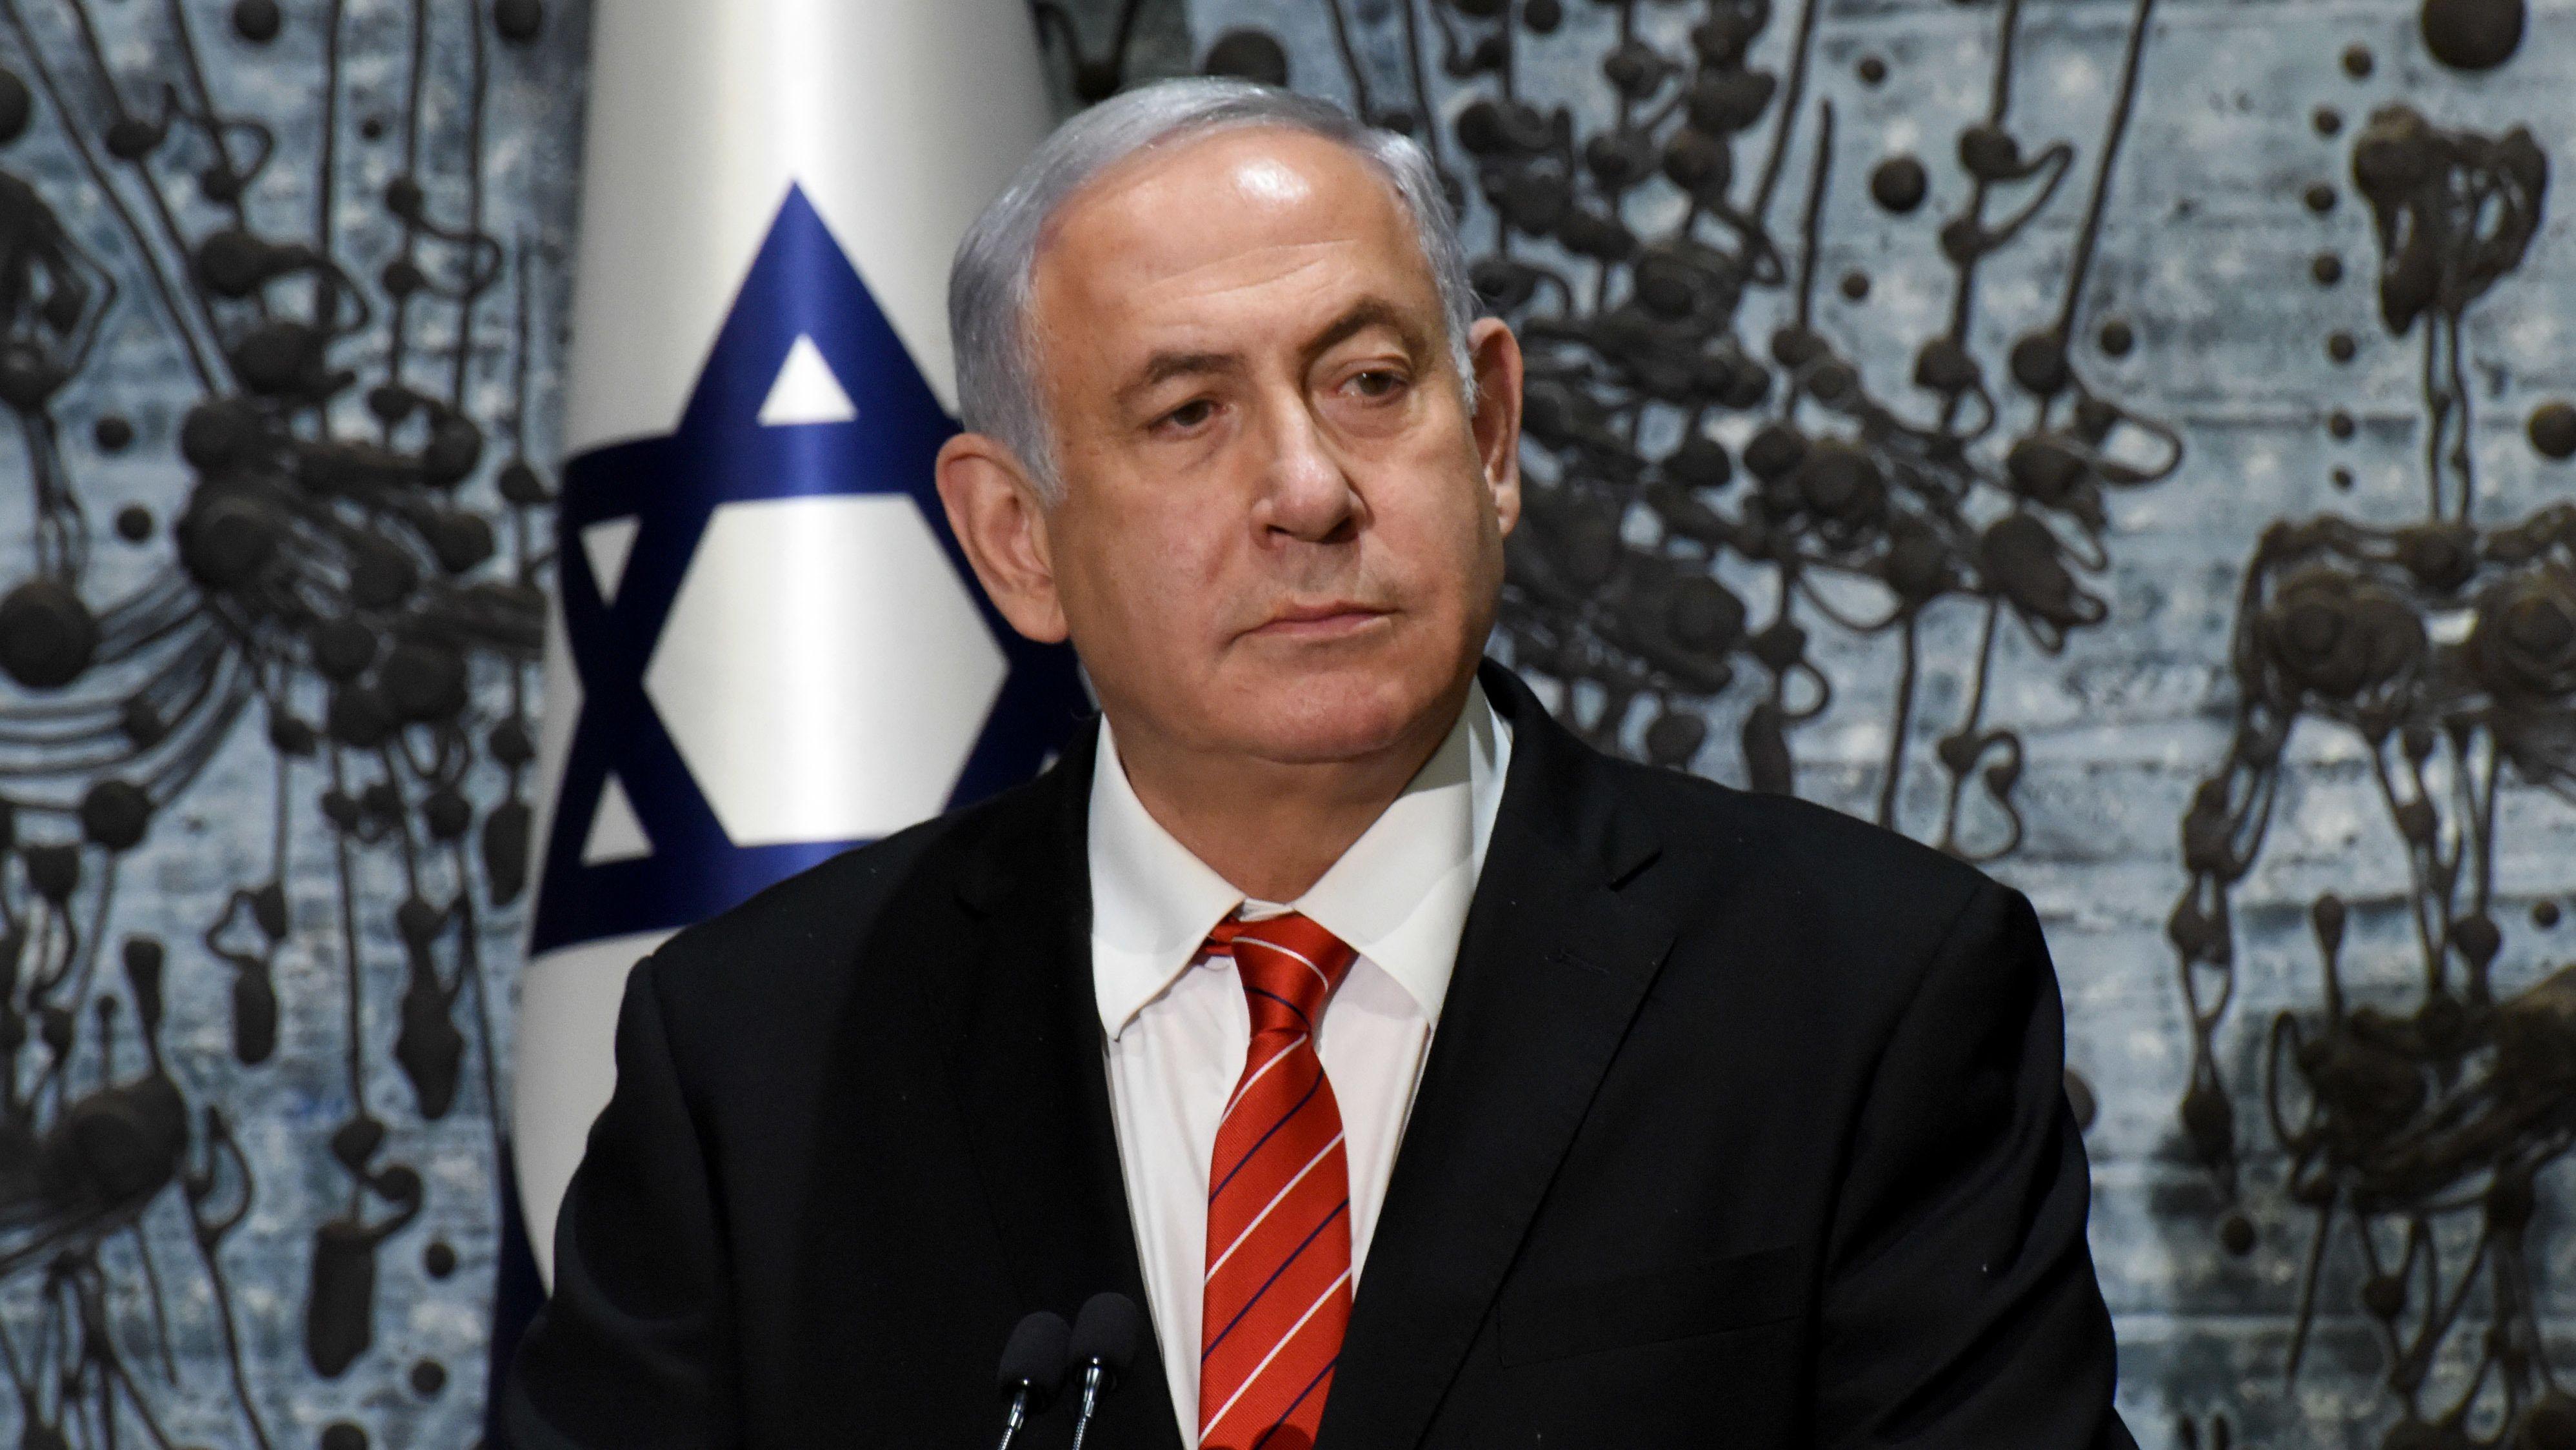 Der israelische Premier Benjamin Netanyahu